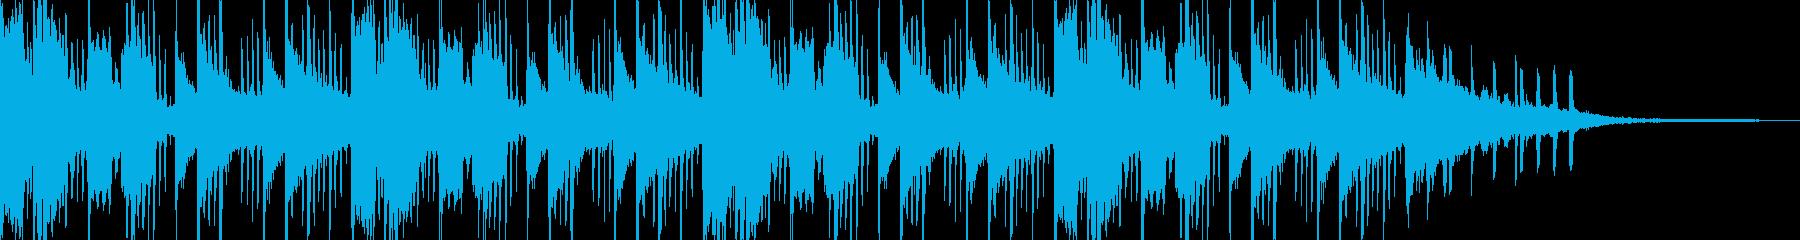 ベッドルームmusic⑥(チルトラップ)の再生済みの波形